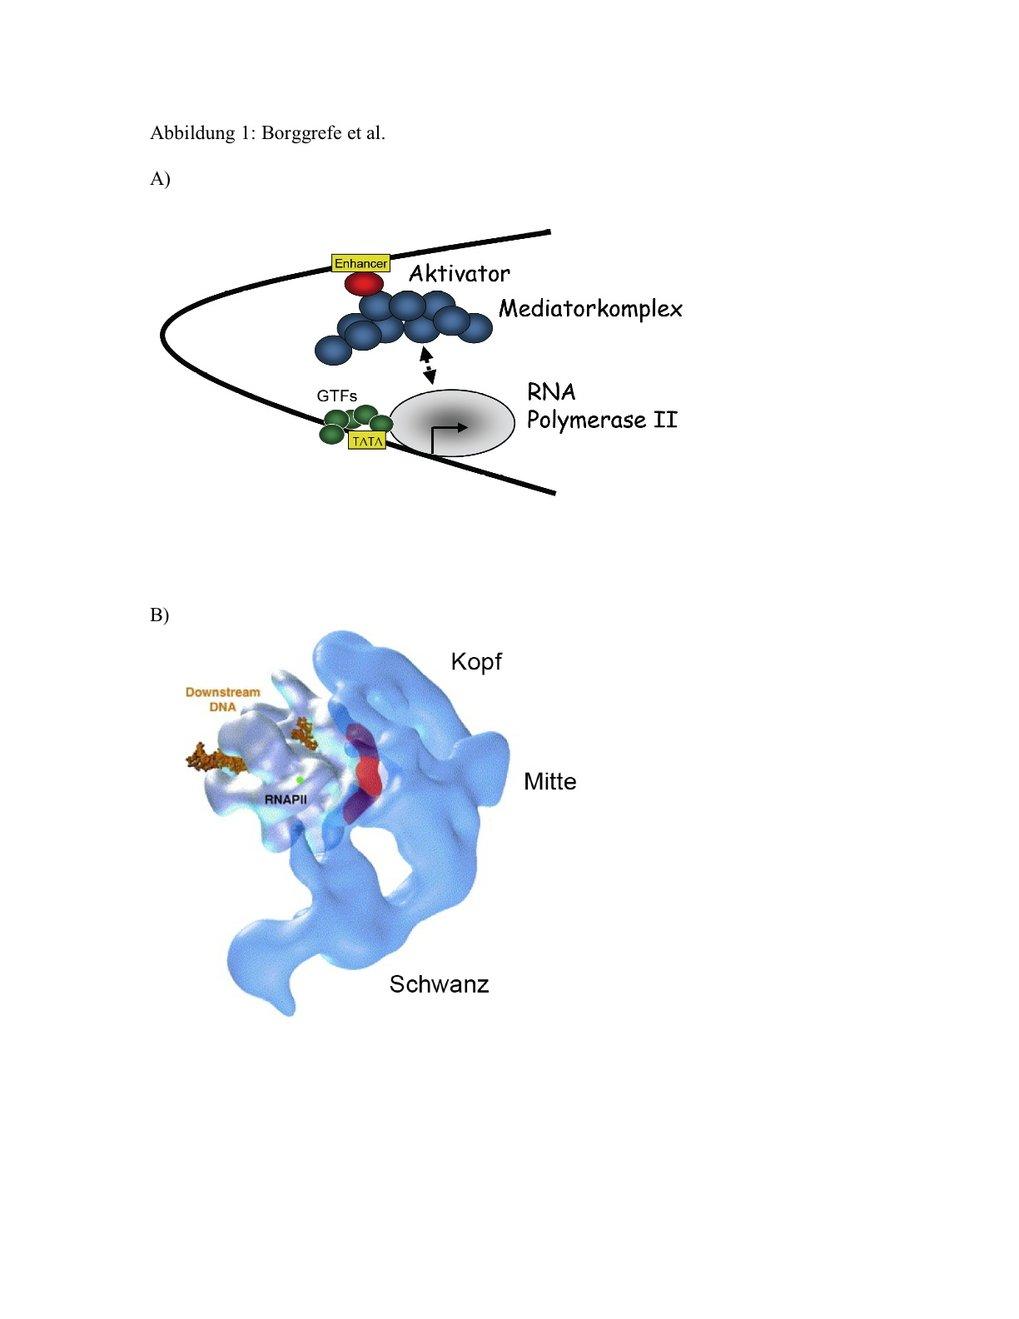 A) Modell für die Bildung des RNA-Polymerase II-Initiationskomplexes: Mediator bindet an genspezifische Regulatoren und interagiert transient mit der